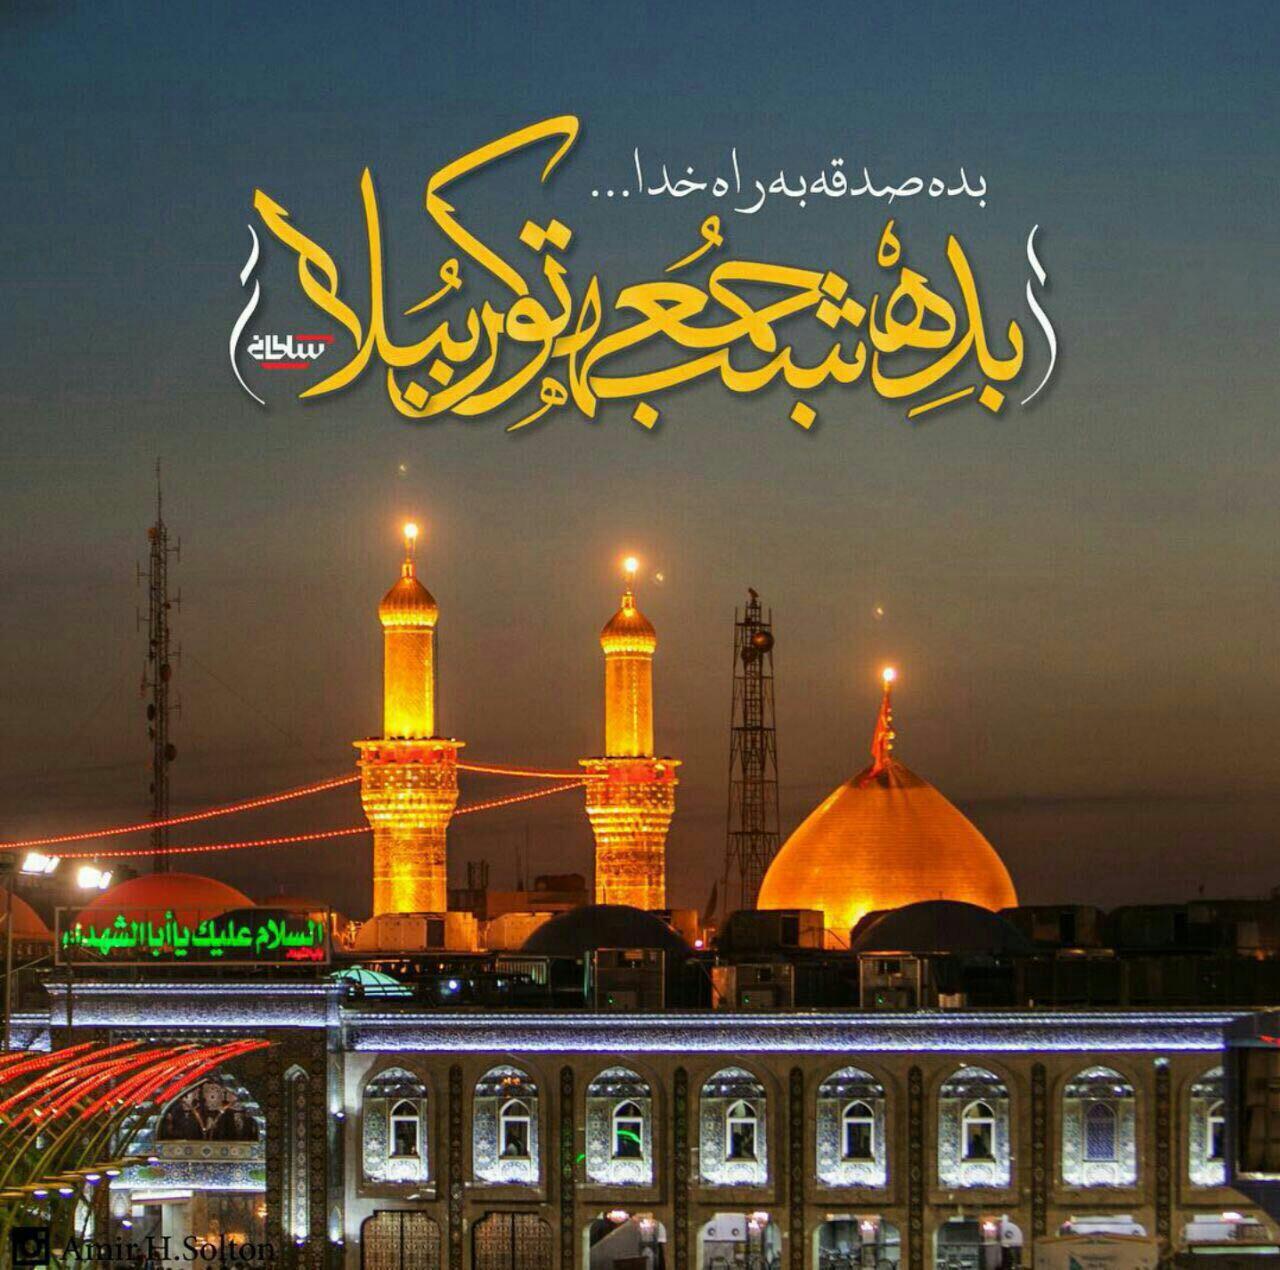 روایتی از حضور شهدا در کربلا و زیارت امام حسین در شب جمعه